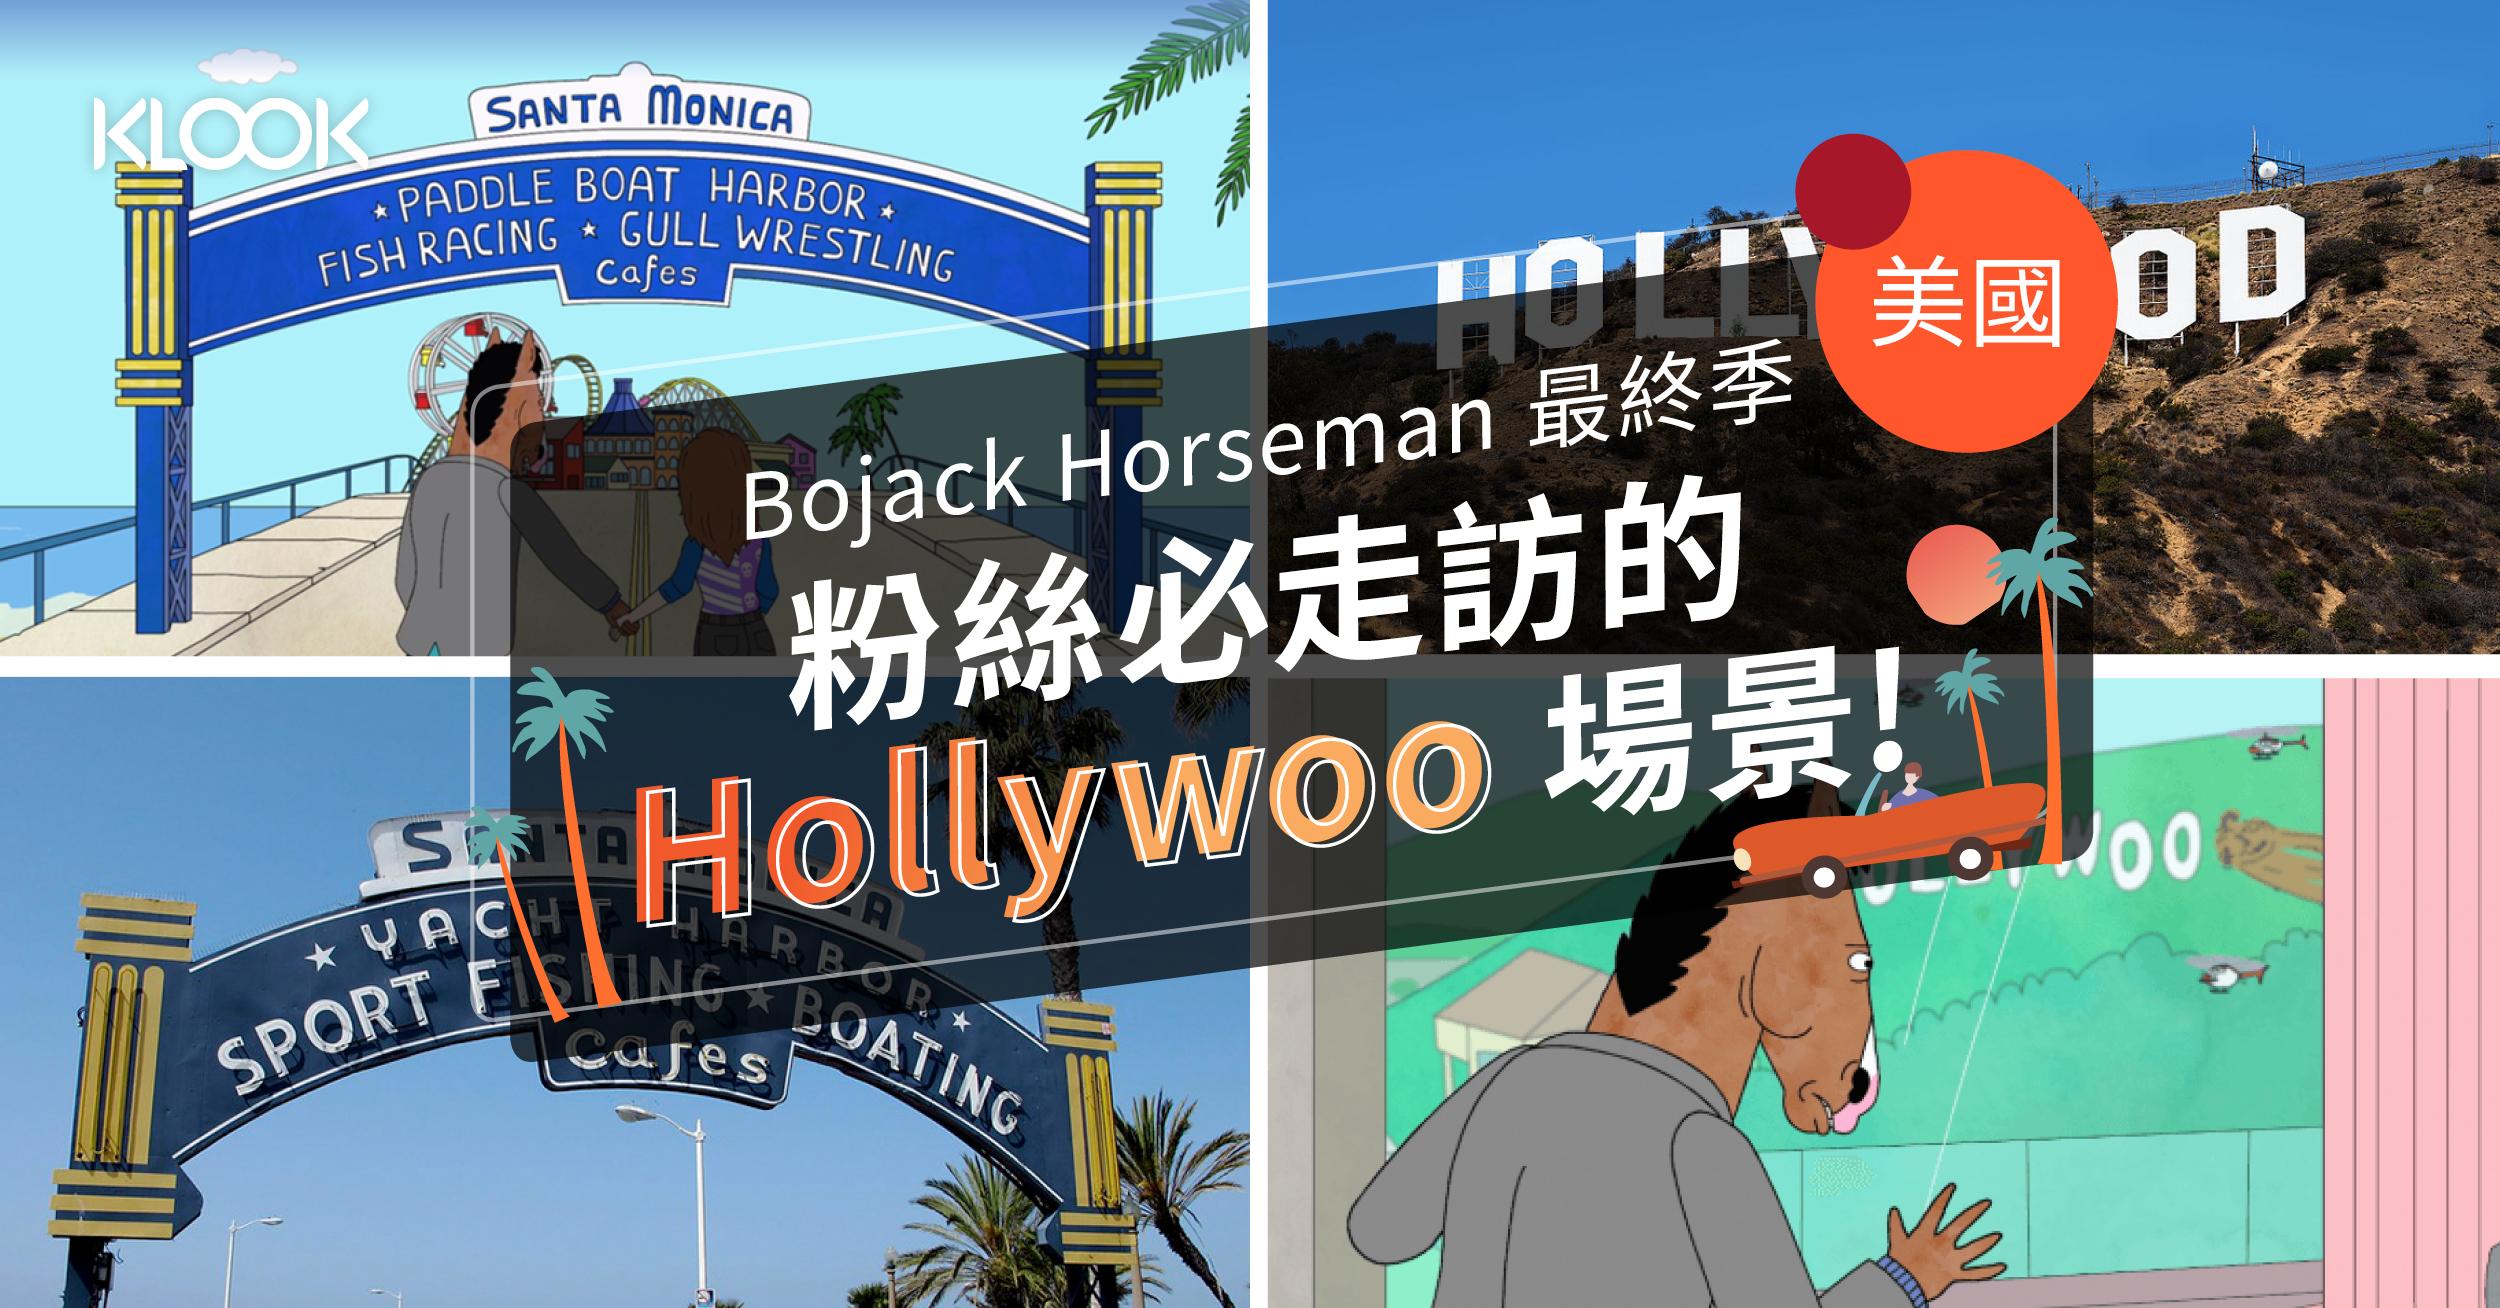 【洛杉磯旅遊】Bojack Horseman 最終季!粉絲必走訪的 Hollywoo 場景!(內含劇透)